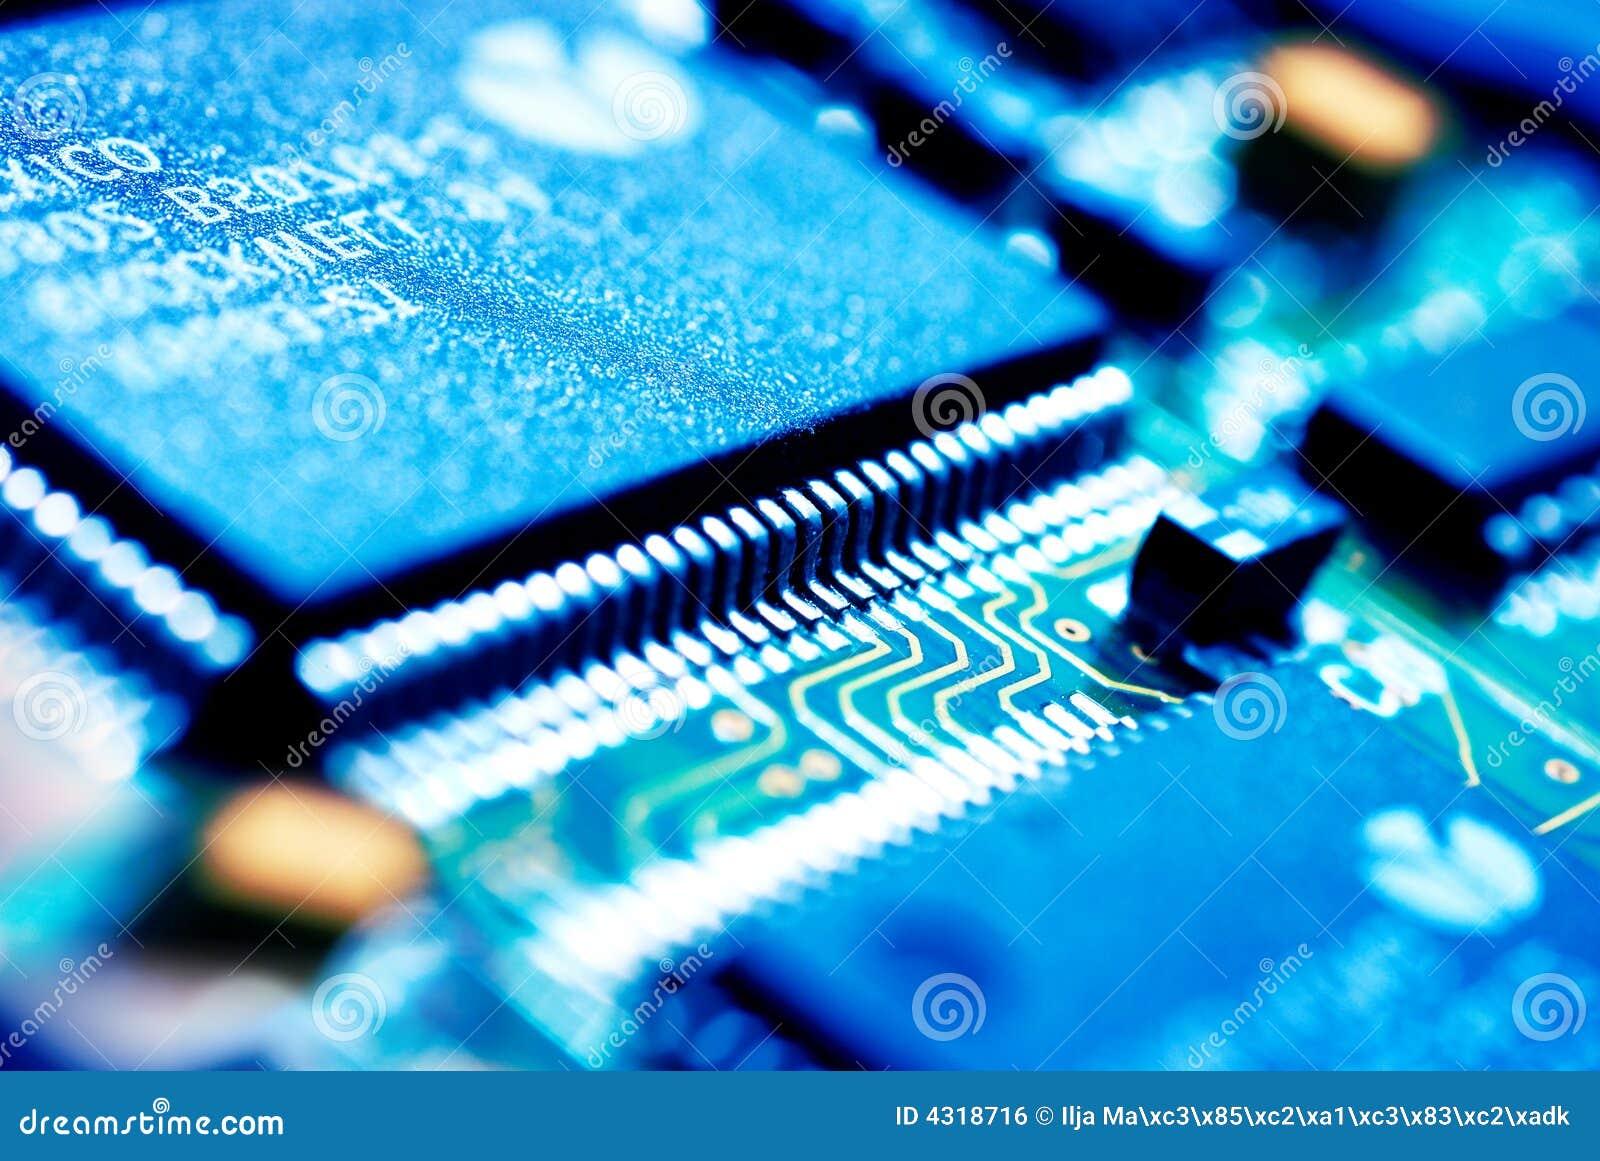 De elektronikatechnologie